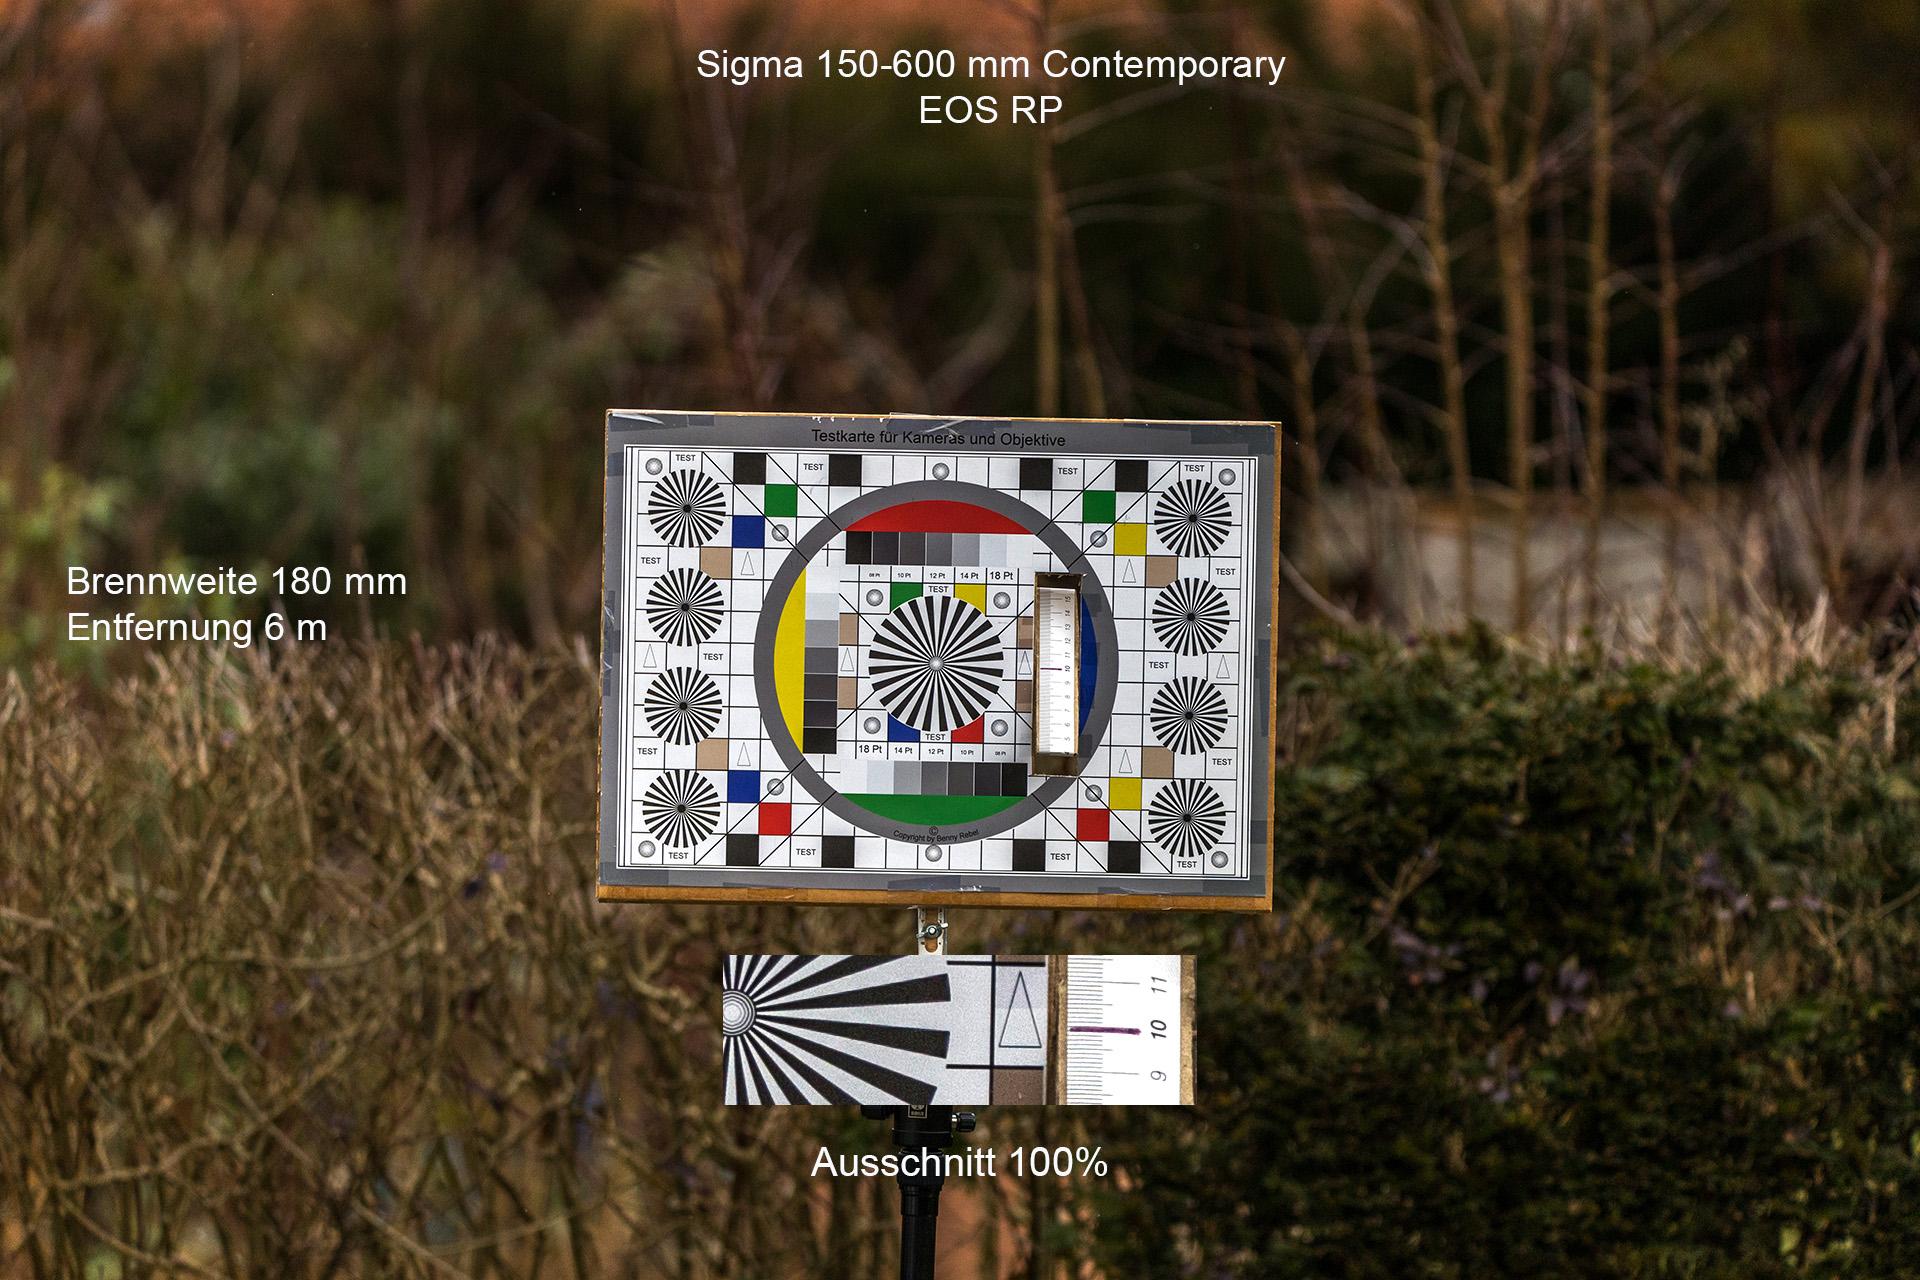 Testaufnahmen mit Sigma 150-600 mm, Canon EOS RP, 180 mm, 6 Meter